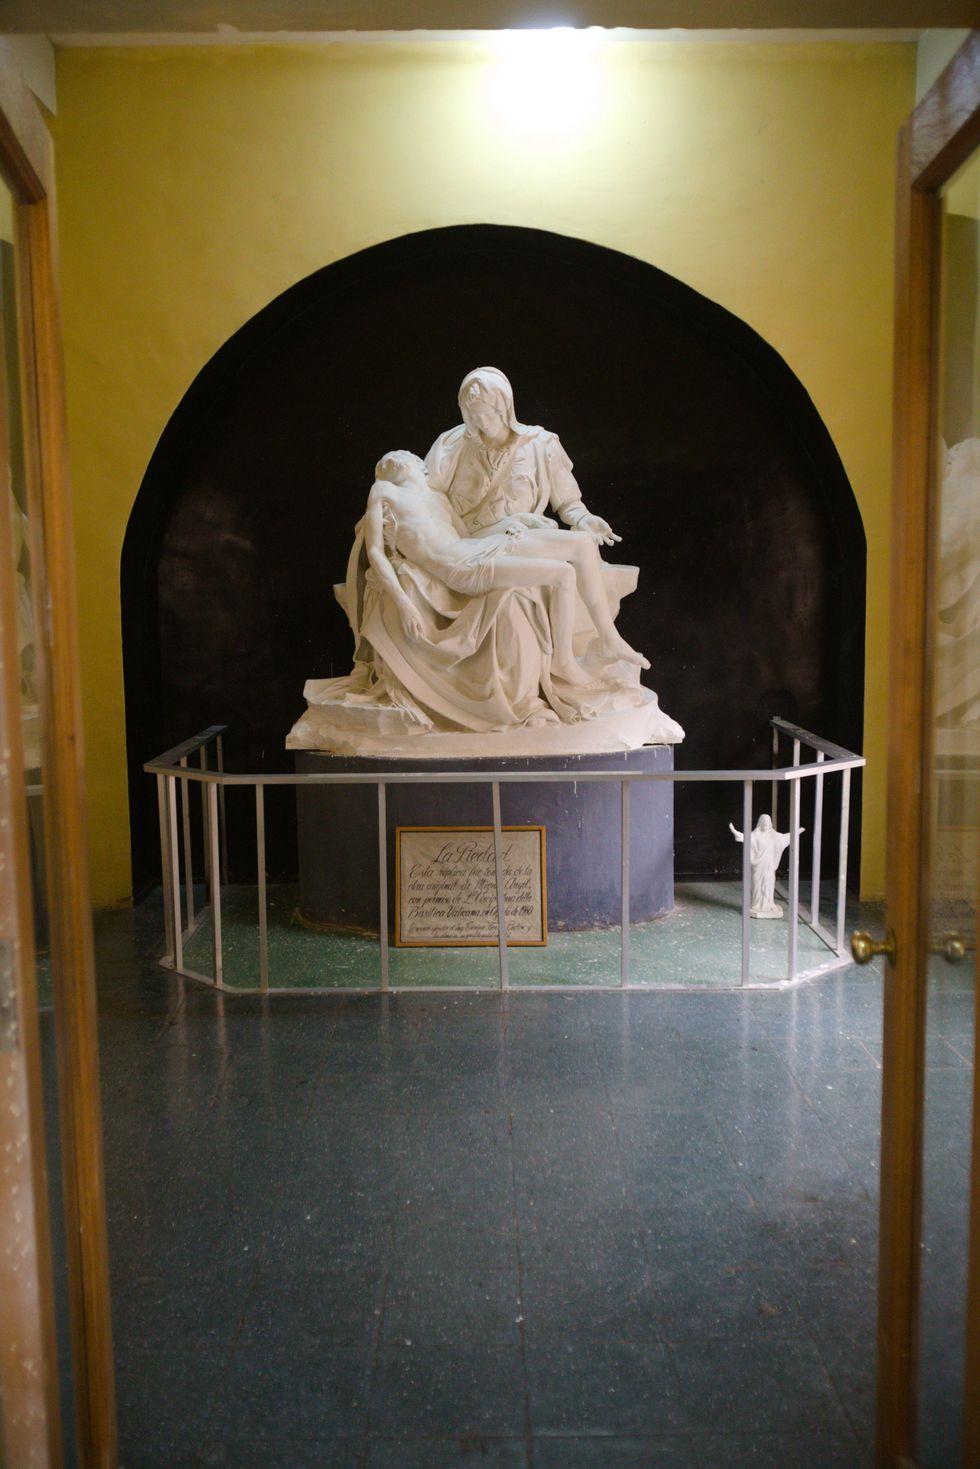 La Piedad 'blanca' es la copia exacta que mandó el Vaticano en los años 50. (Foto: PromPerú)